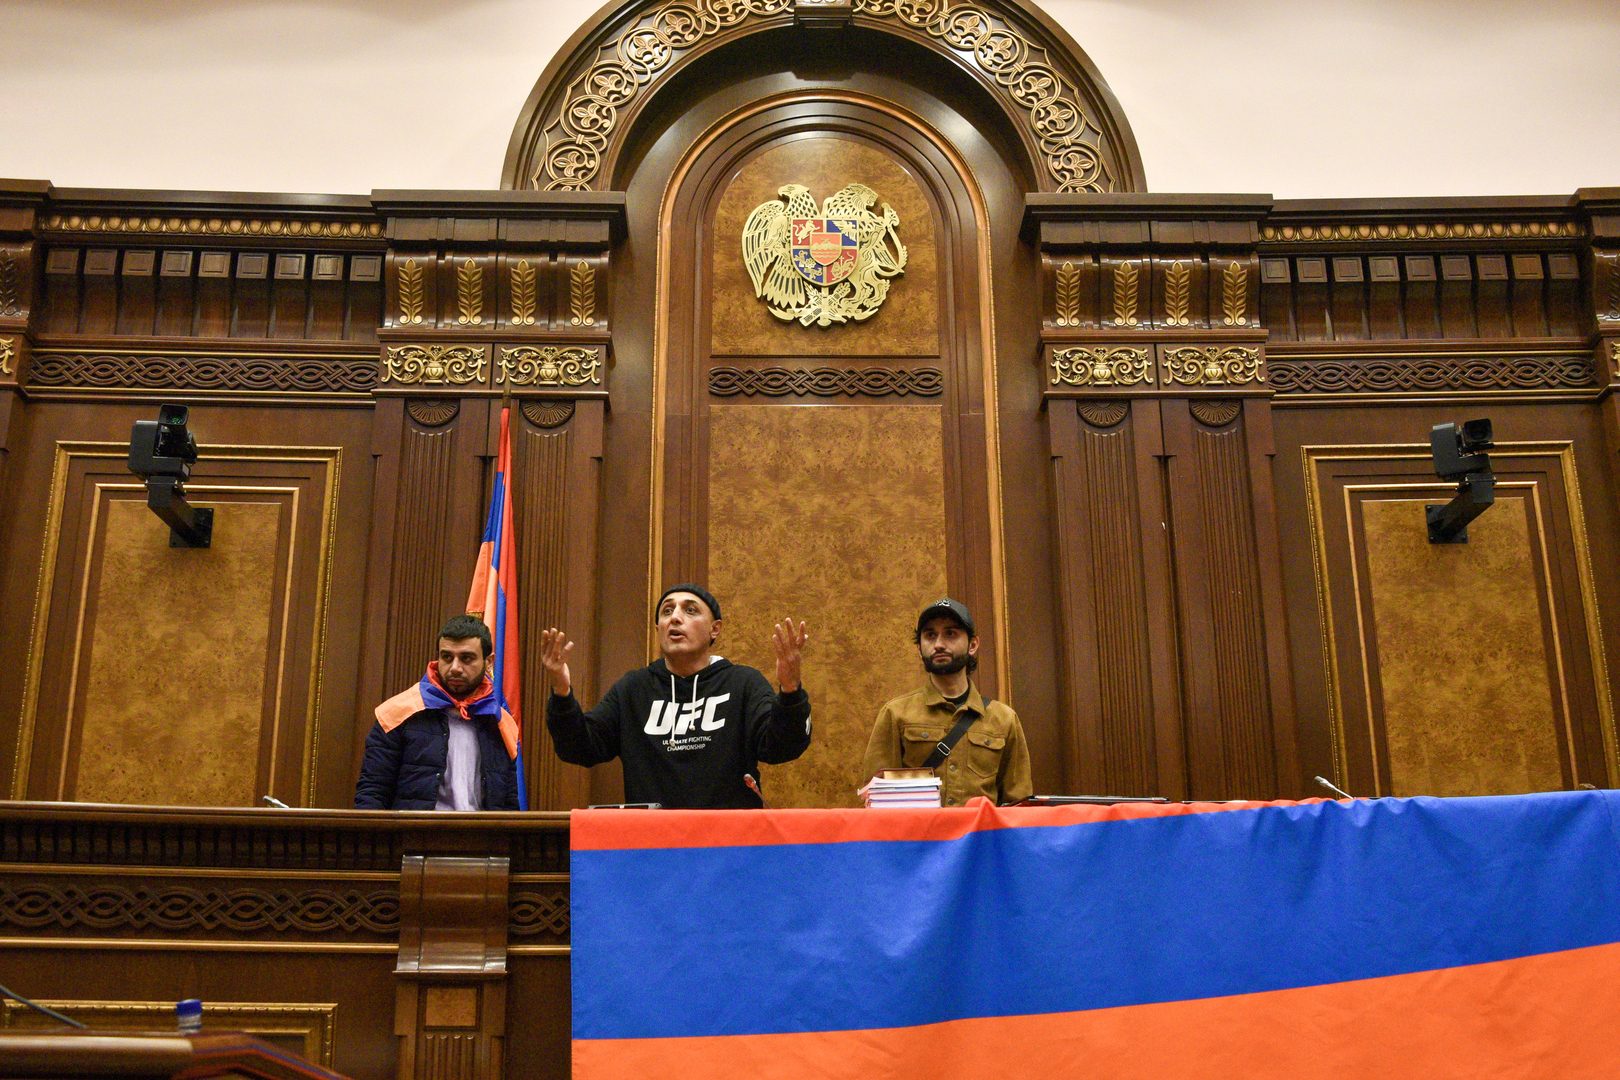 Die Armenier protestieren gegen die Zustimmung des Landes, die Kämpfe mit Aserbaidschan über die umstrittene Region Berg-Karabach innerhalb des Parlaments in Jerewan zu beenden. 10. November 2020.